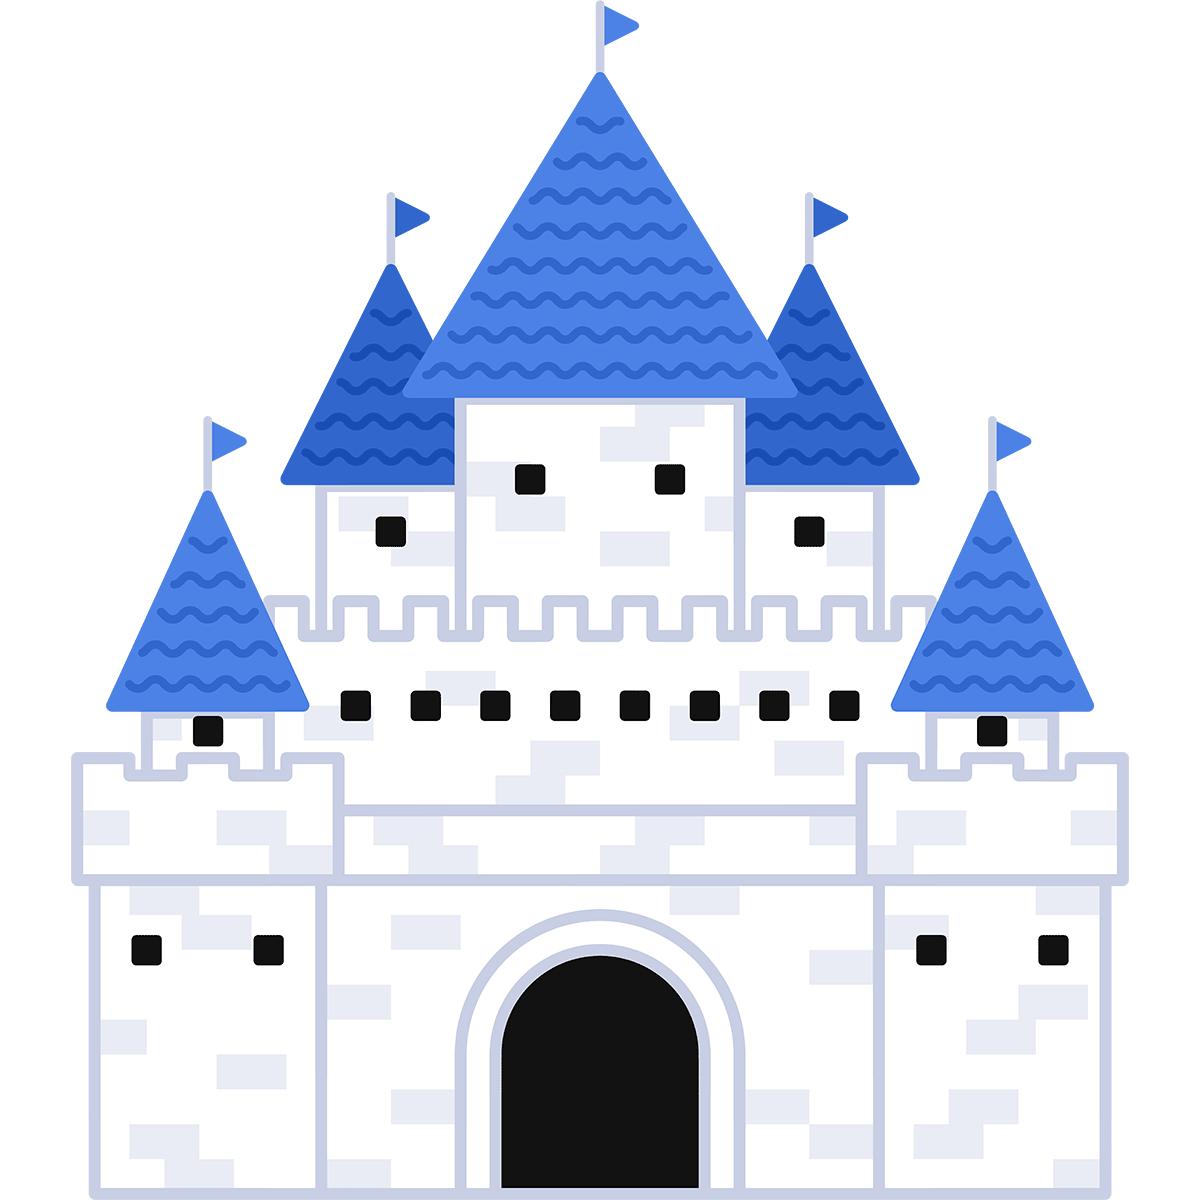 西洋のお城の無料イラスト